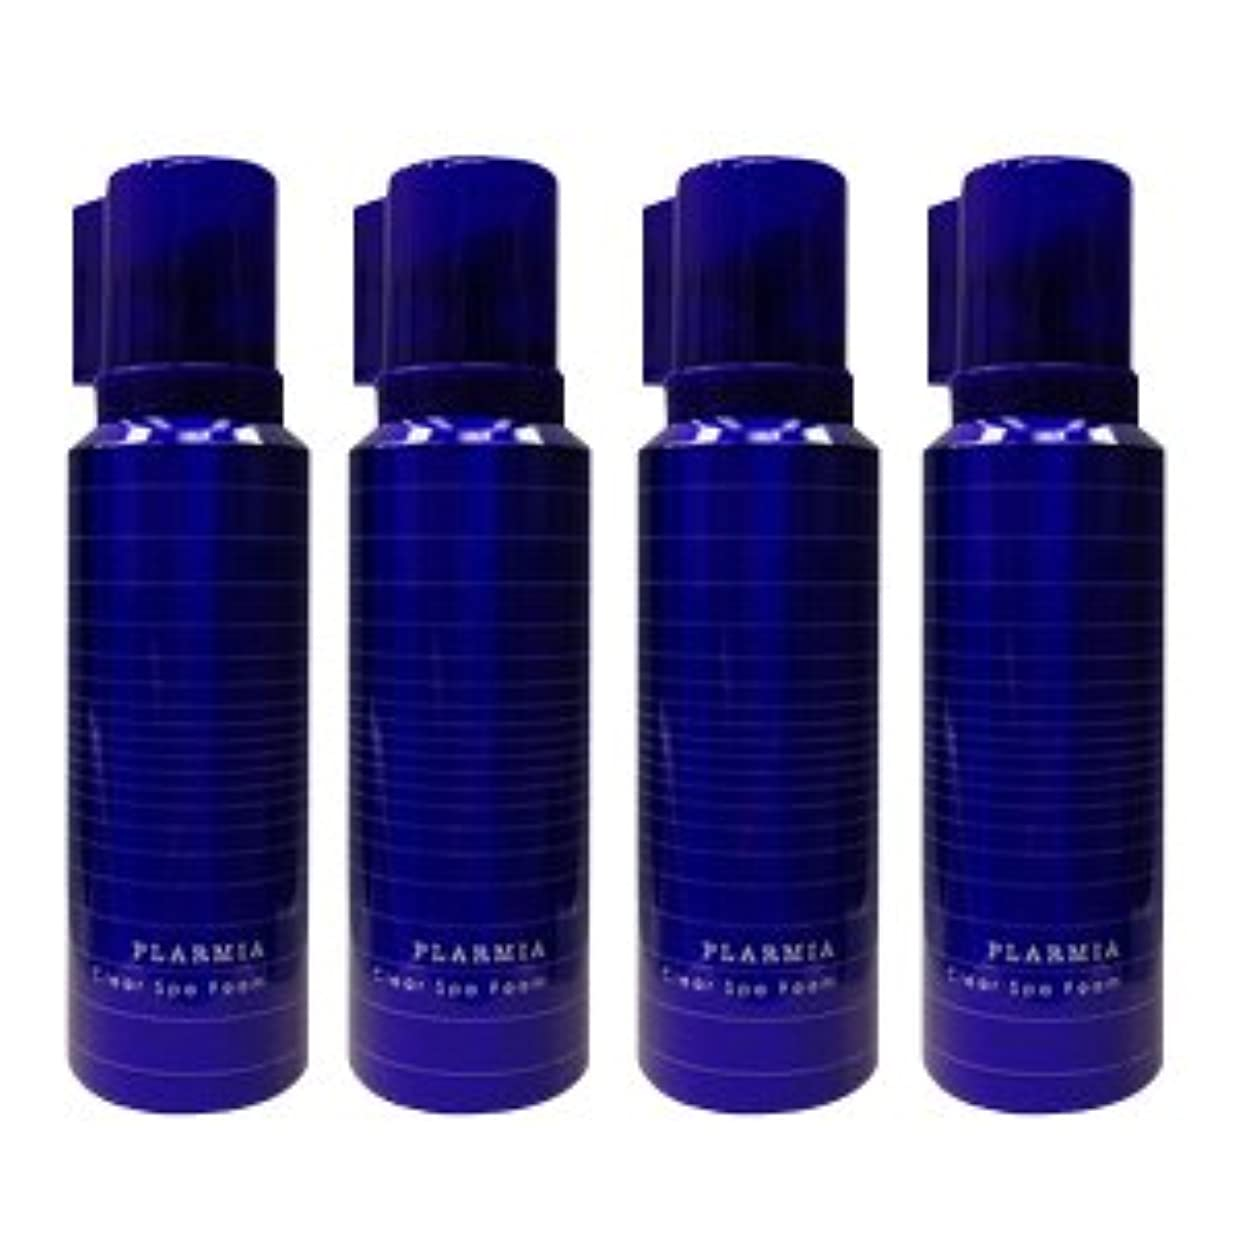 均等にうなずくパフ【X4個セット】 ミルボン プラーミア クリアスパフォーム 170g 【炭酸スパクレンジング】 Milbon PLARMIA